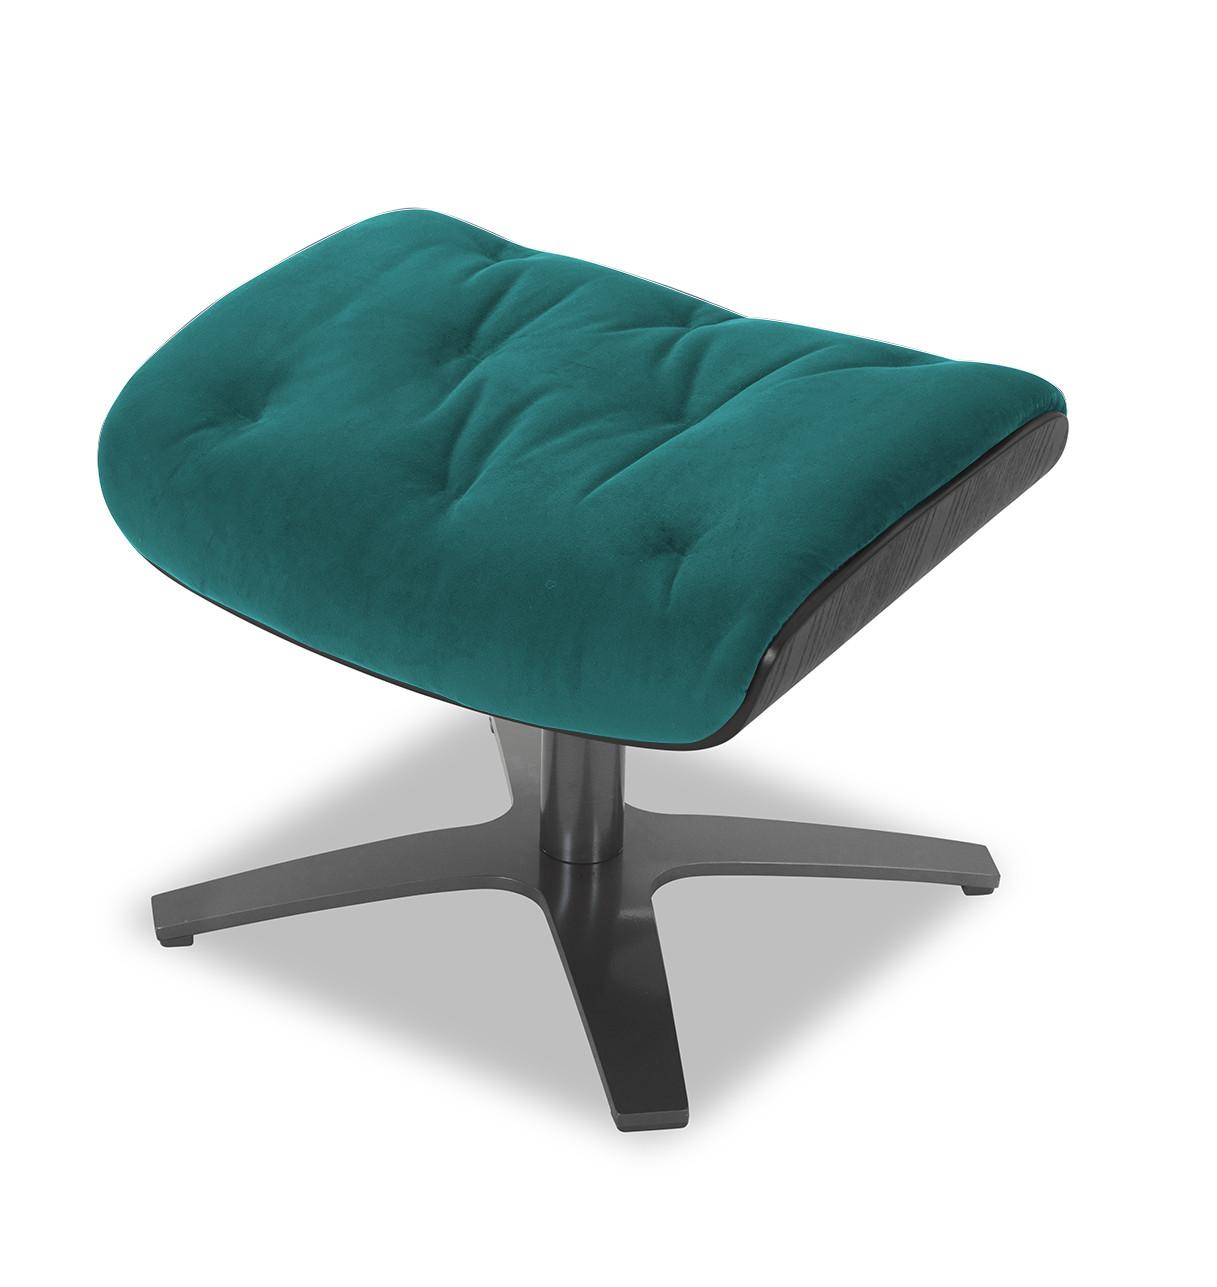 Repose-pieds de relaxation velours bleu-vert et chêne noir